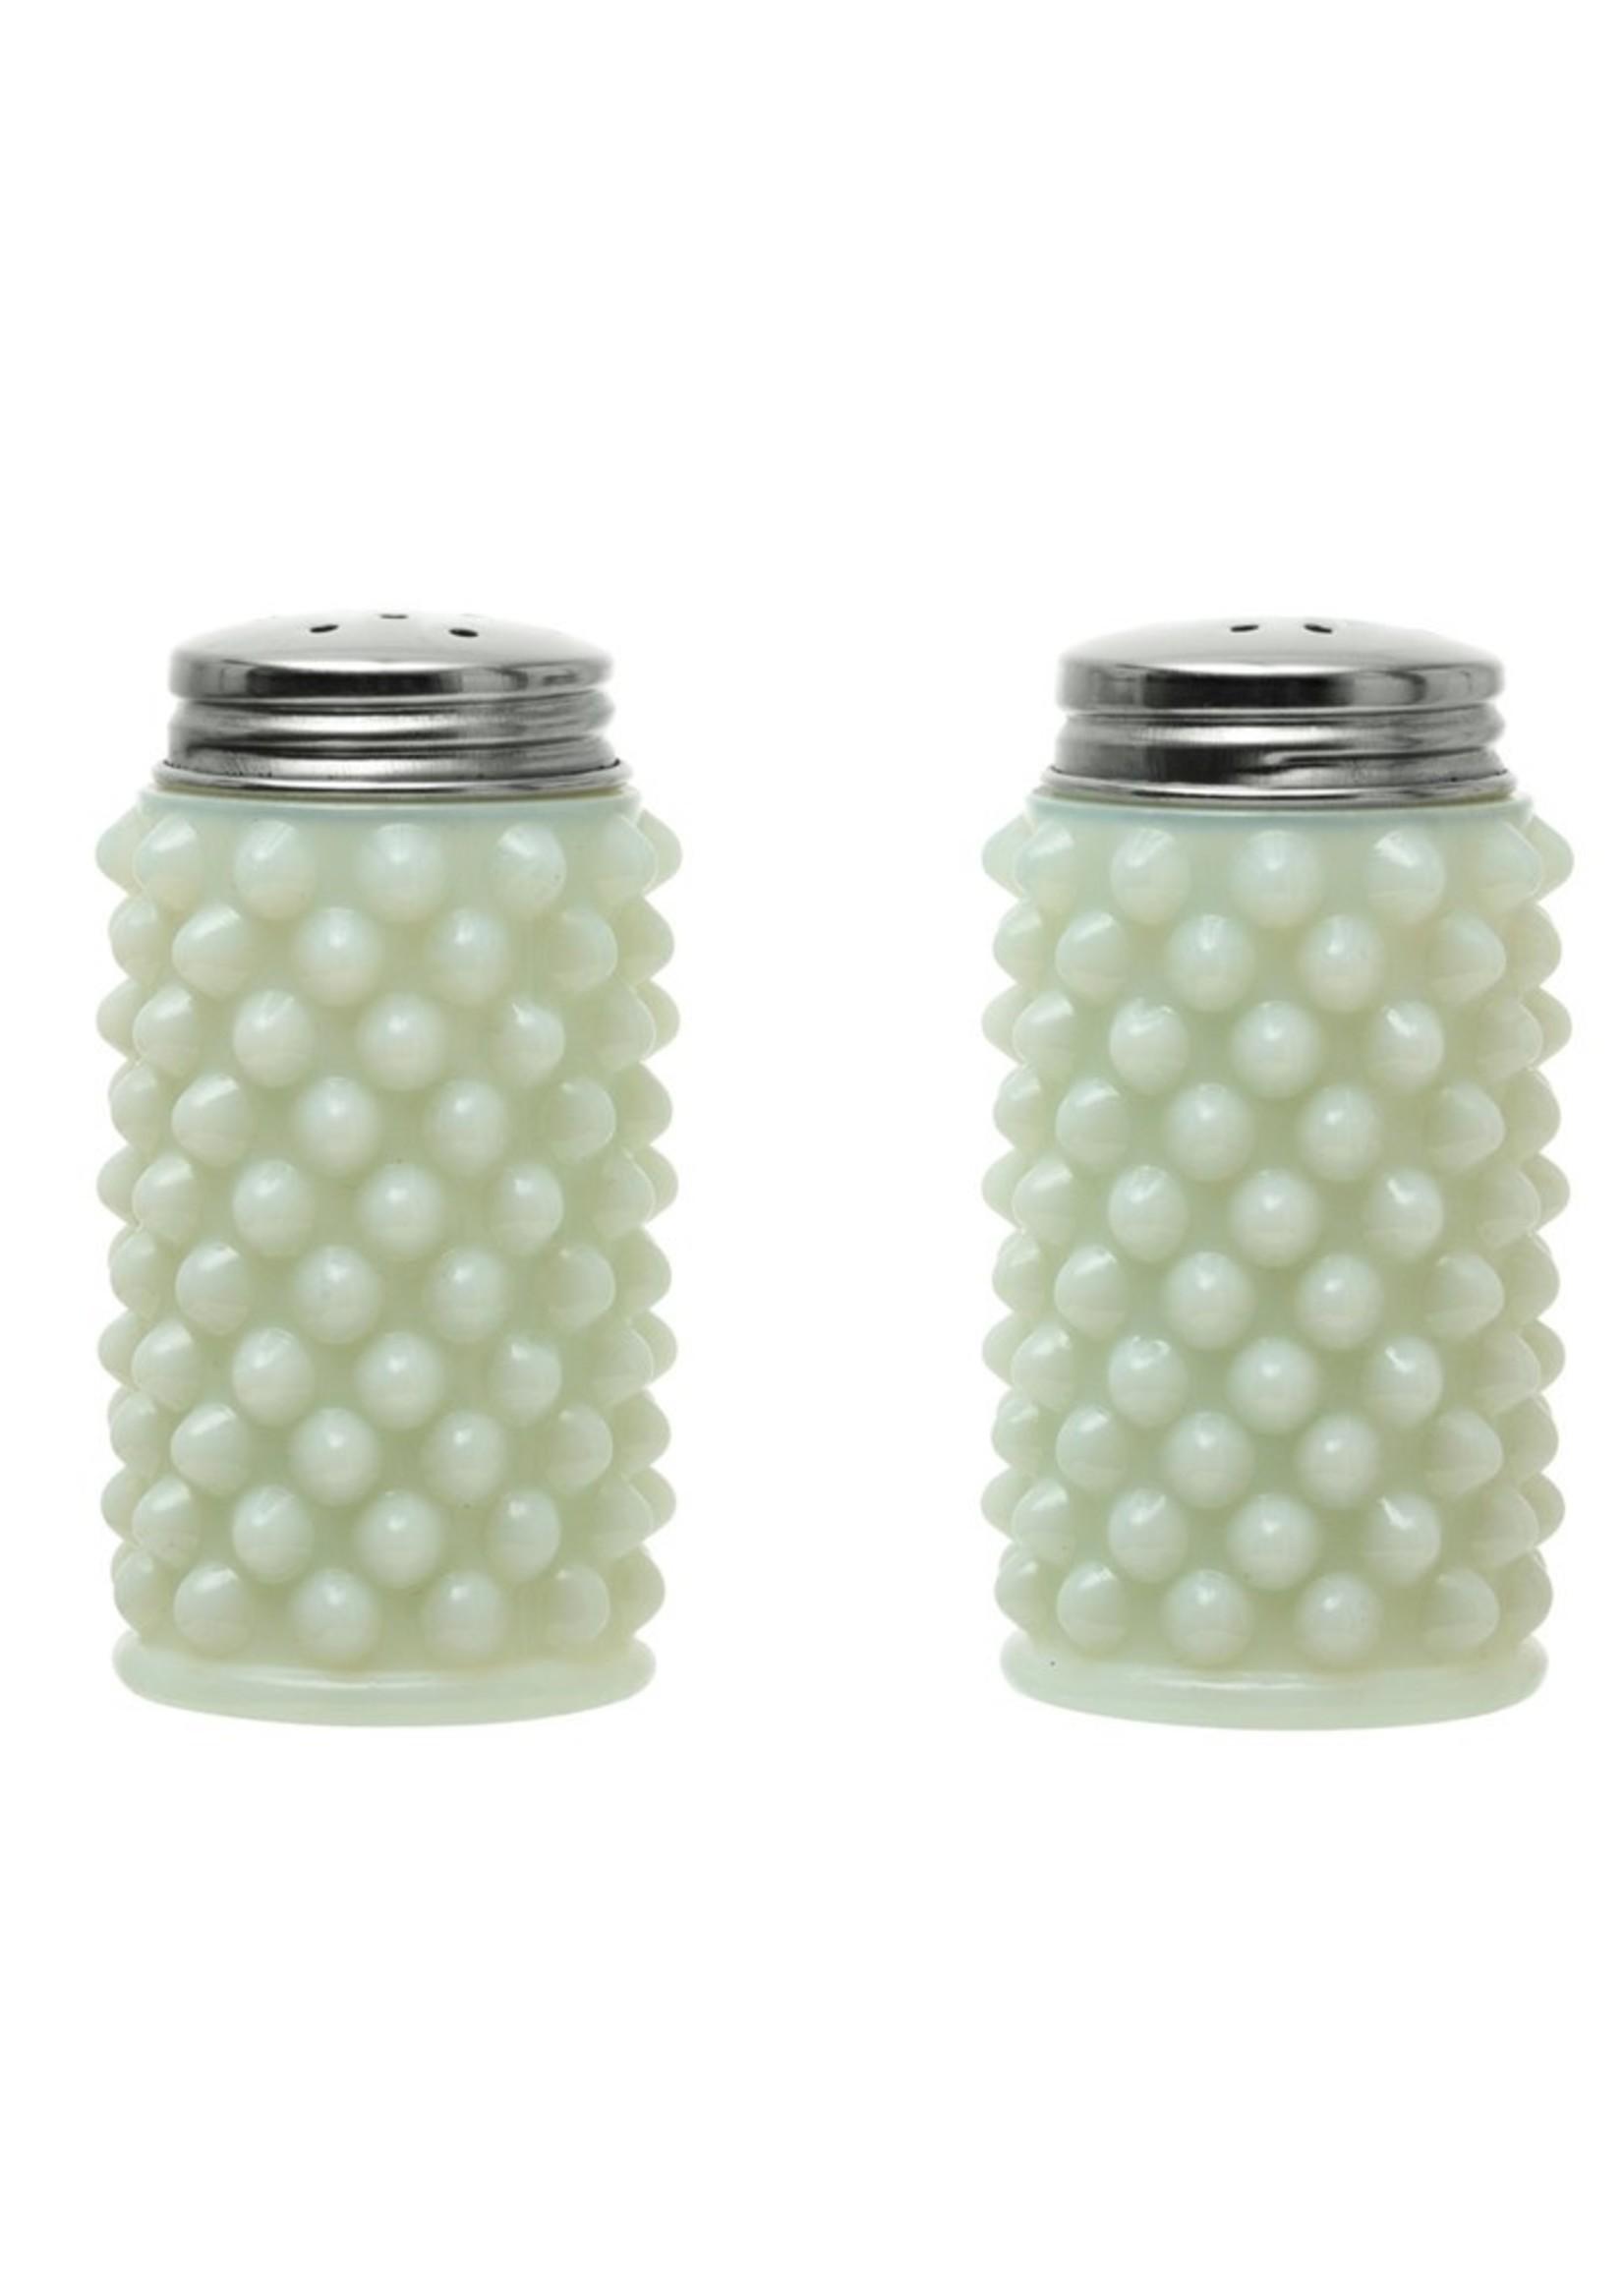 Glass S&P Shakers, White Milk Glass